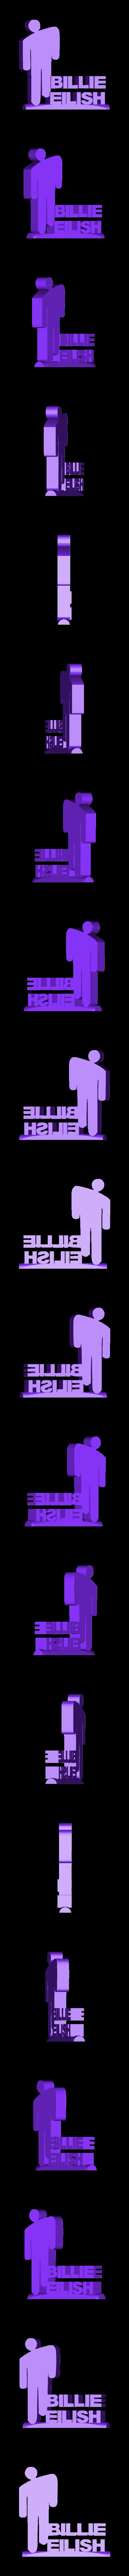 Billie_Eilish_Ornament.stl Télécharger fichier STL gratuit Ornement de Billie Eilish • Modèle pour impression 3D, CheesmondN